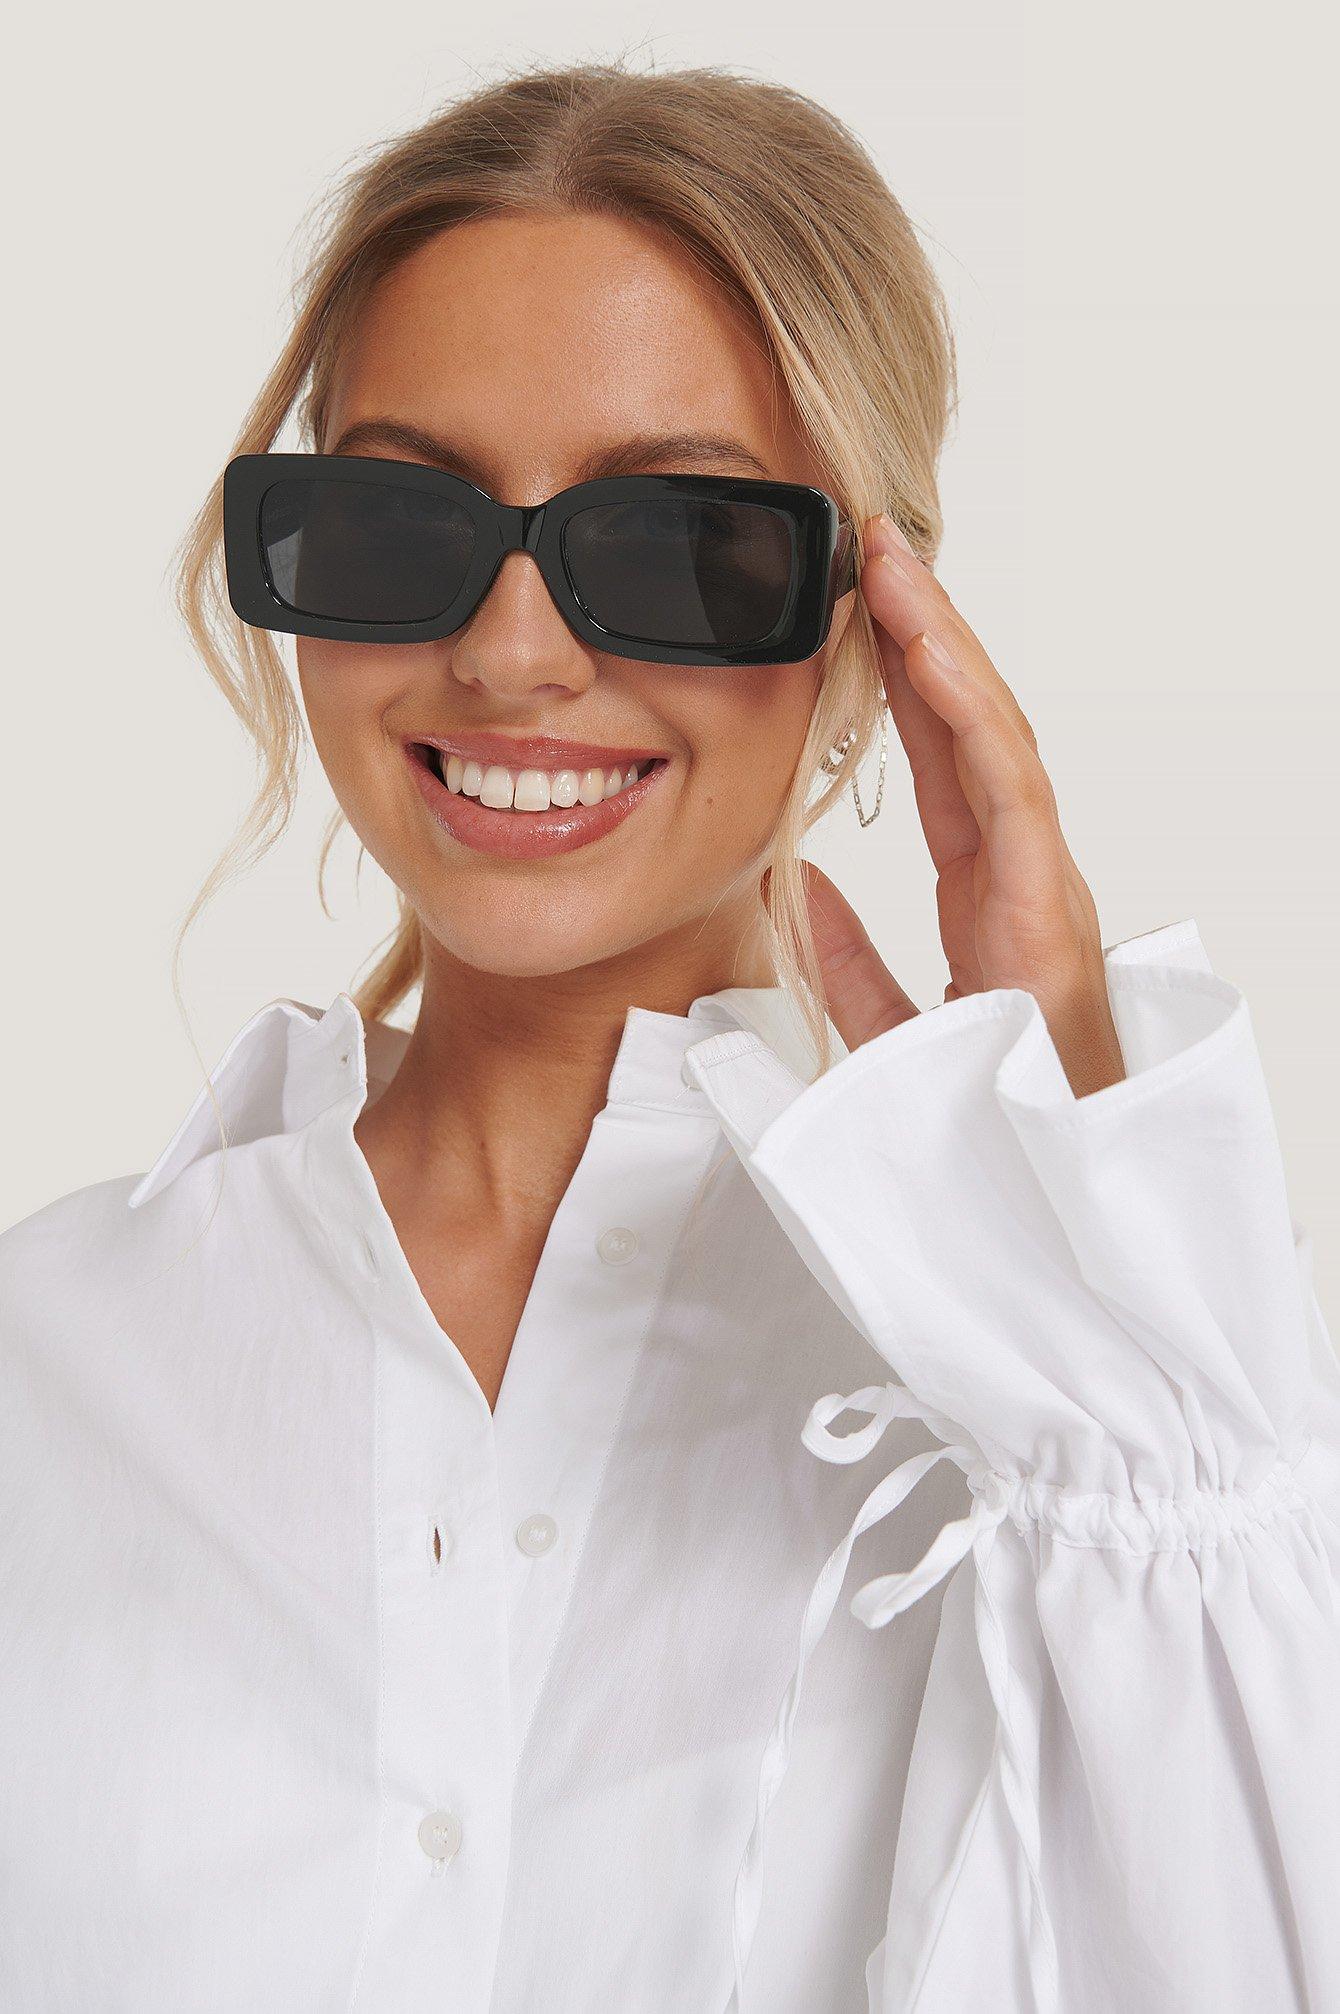 na-kd accessories -  Sonnenbrille Mit Breitem Rahmen - Black